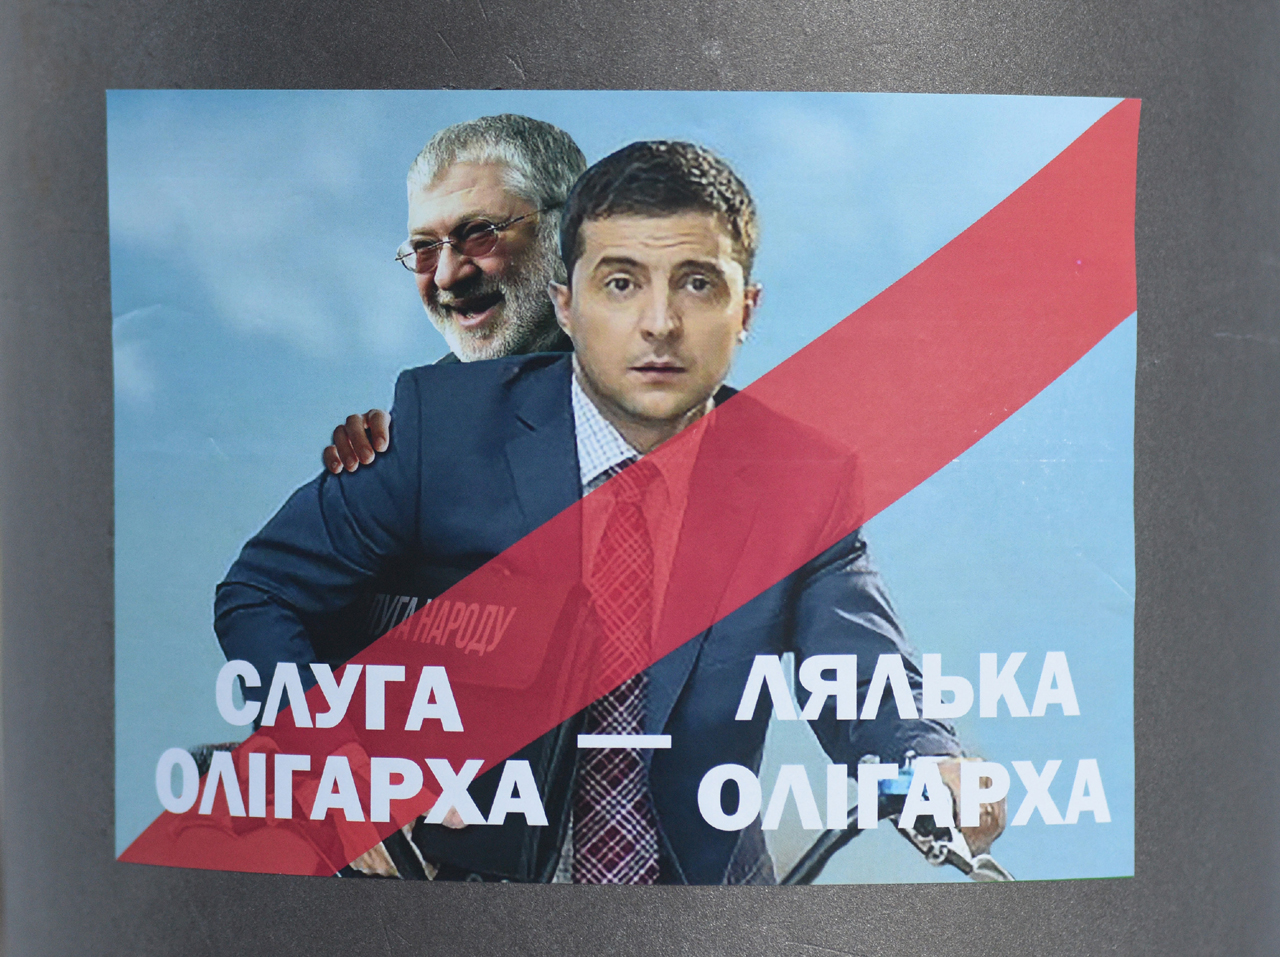 Plakat: Selenski, wie er in seiner TV-Serie den Präsidenten spielt. Hinter seinem Rücken sieht der lachende Oligarch Kolomoiski hervor. Das Bild stammt vom Februar 2019